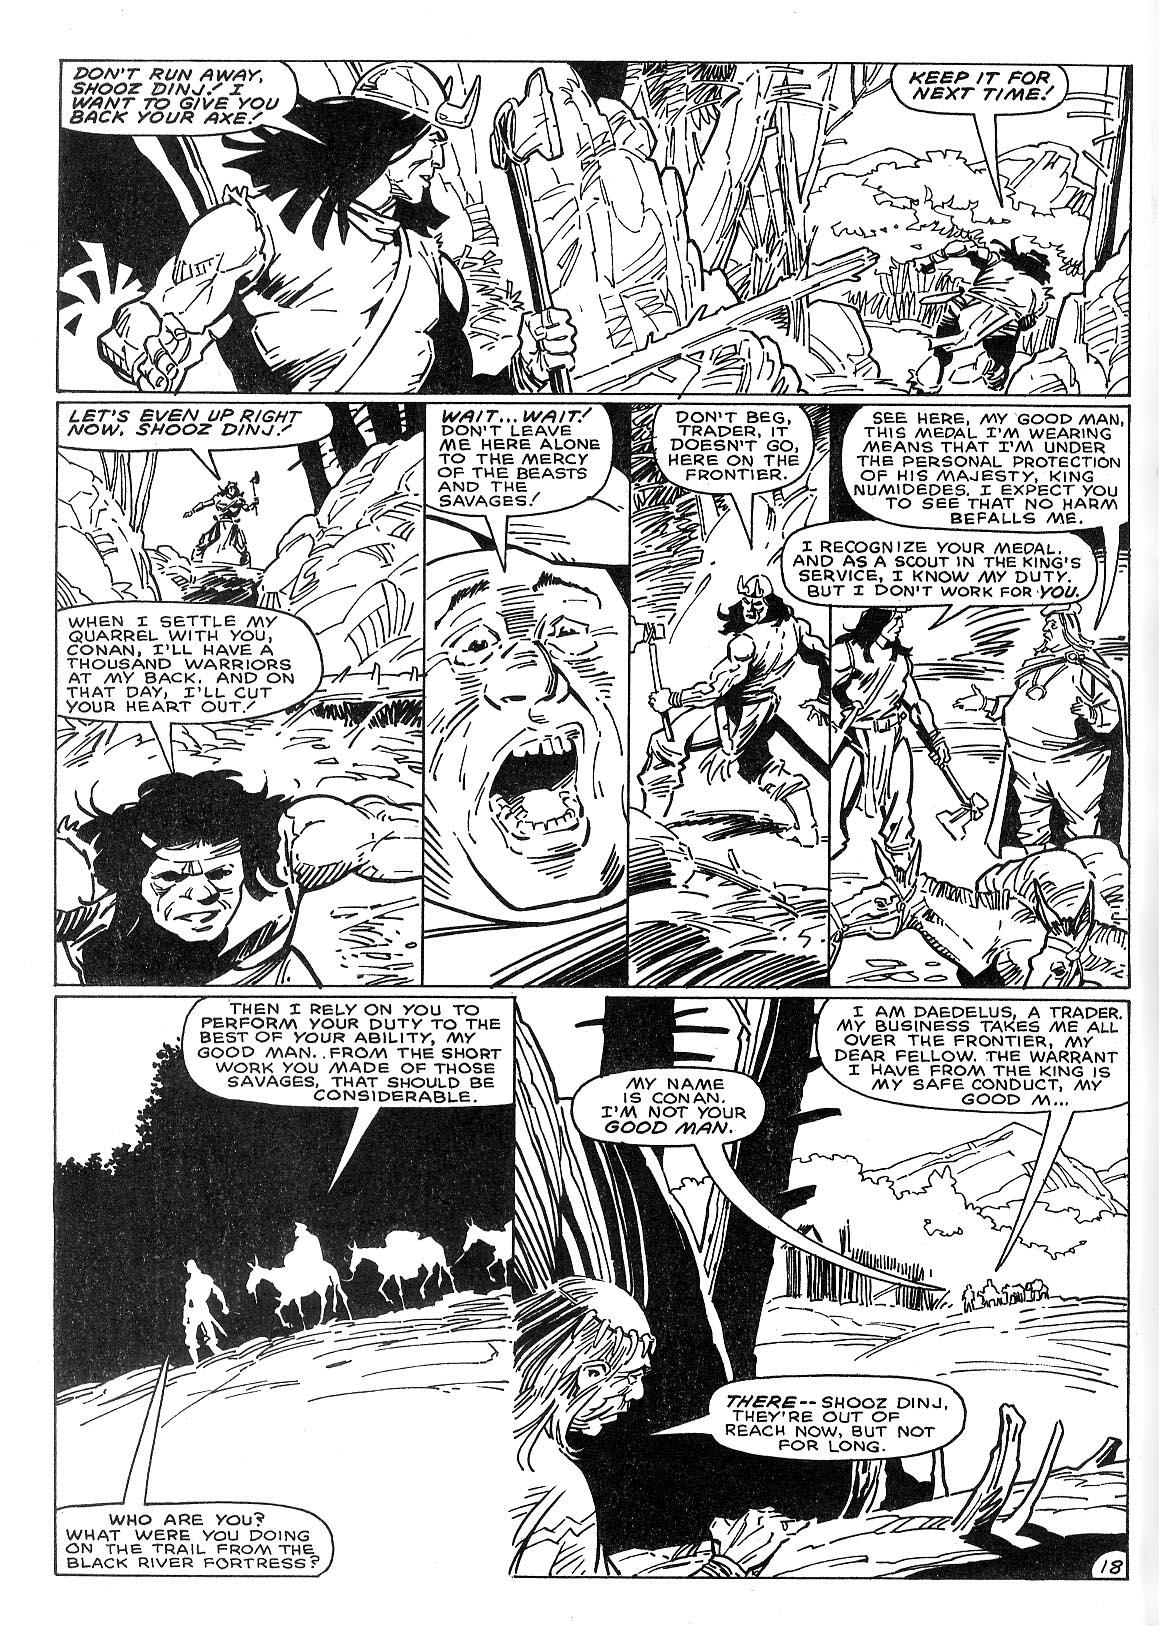 dXRULzcAHk #93 - English 24